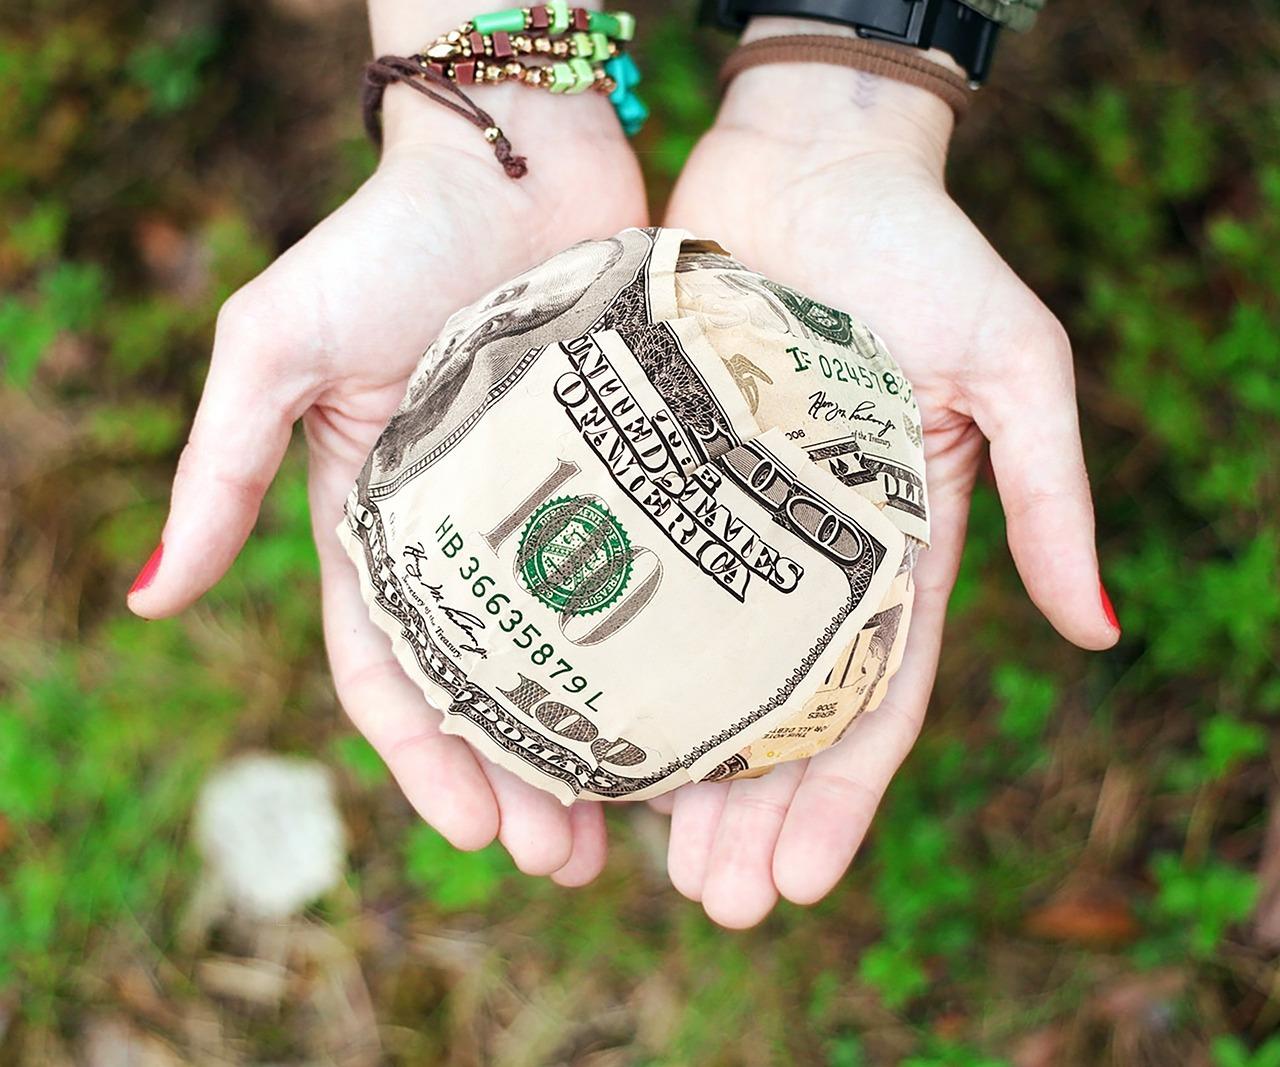 기부금을 빼돌리면 처벌가능한가요?